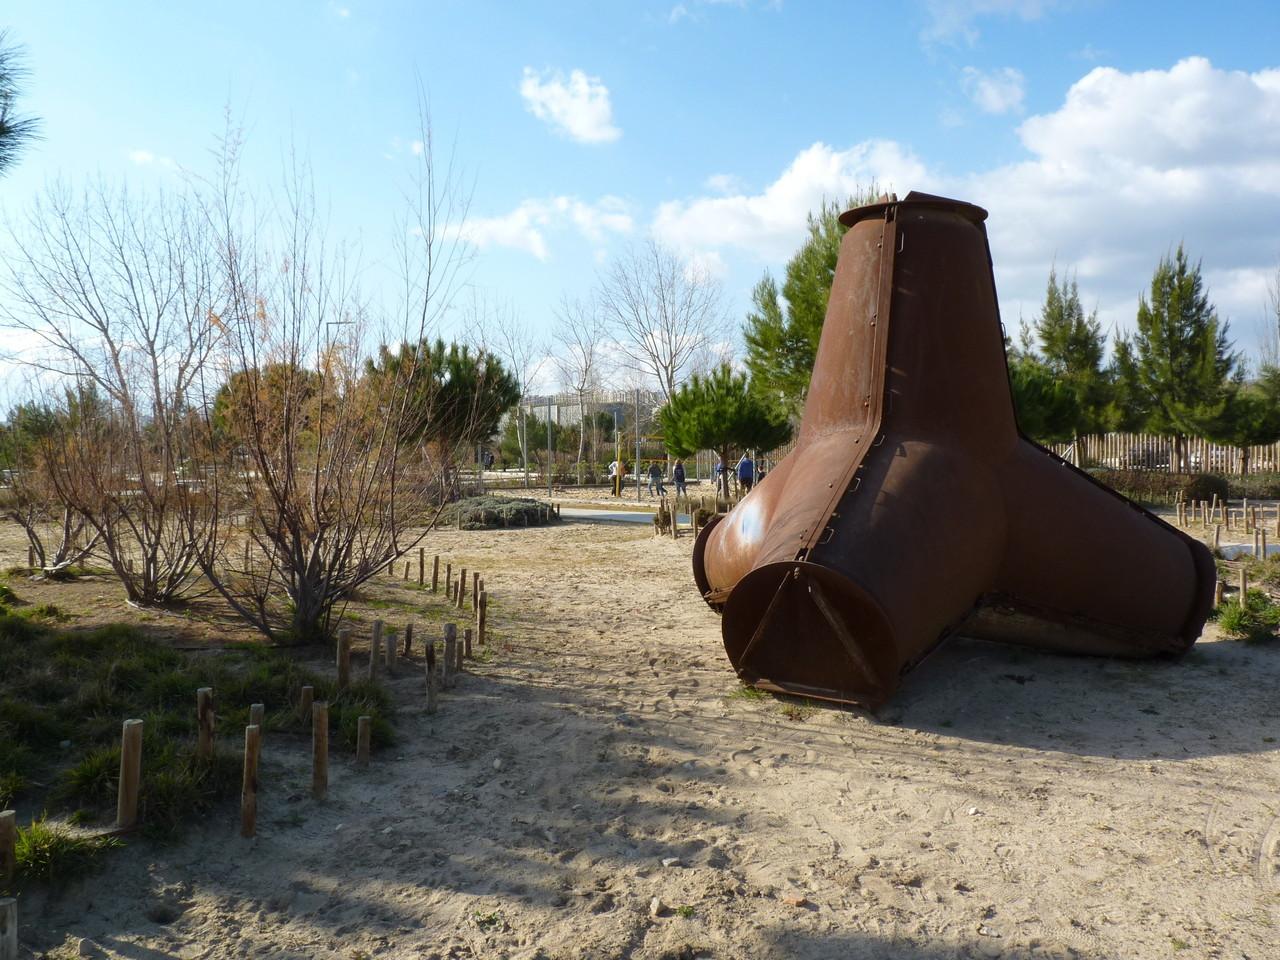 Parque Linear Ribeirinho do Estuário do Tejo (8).